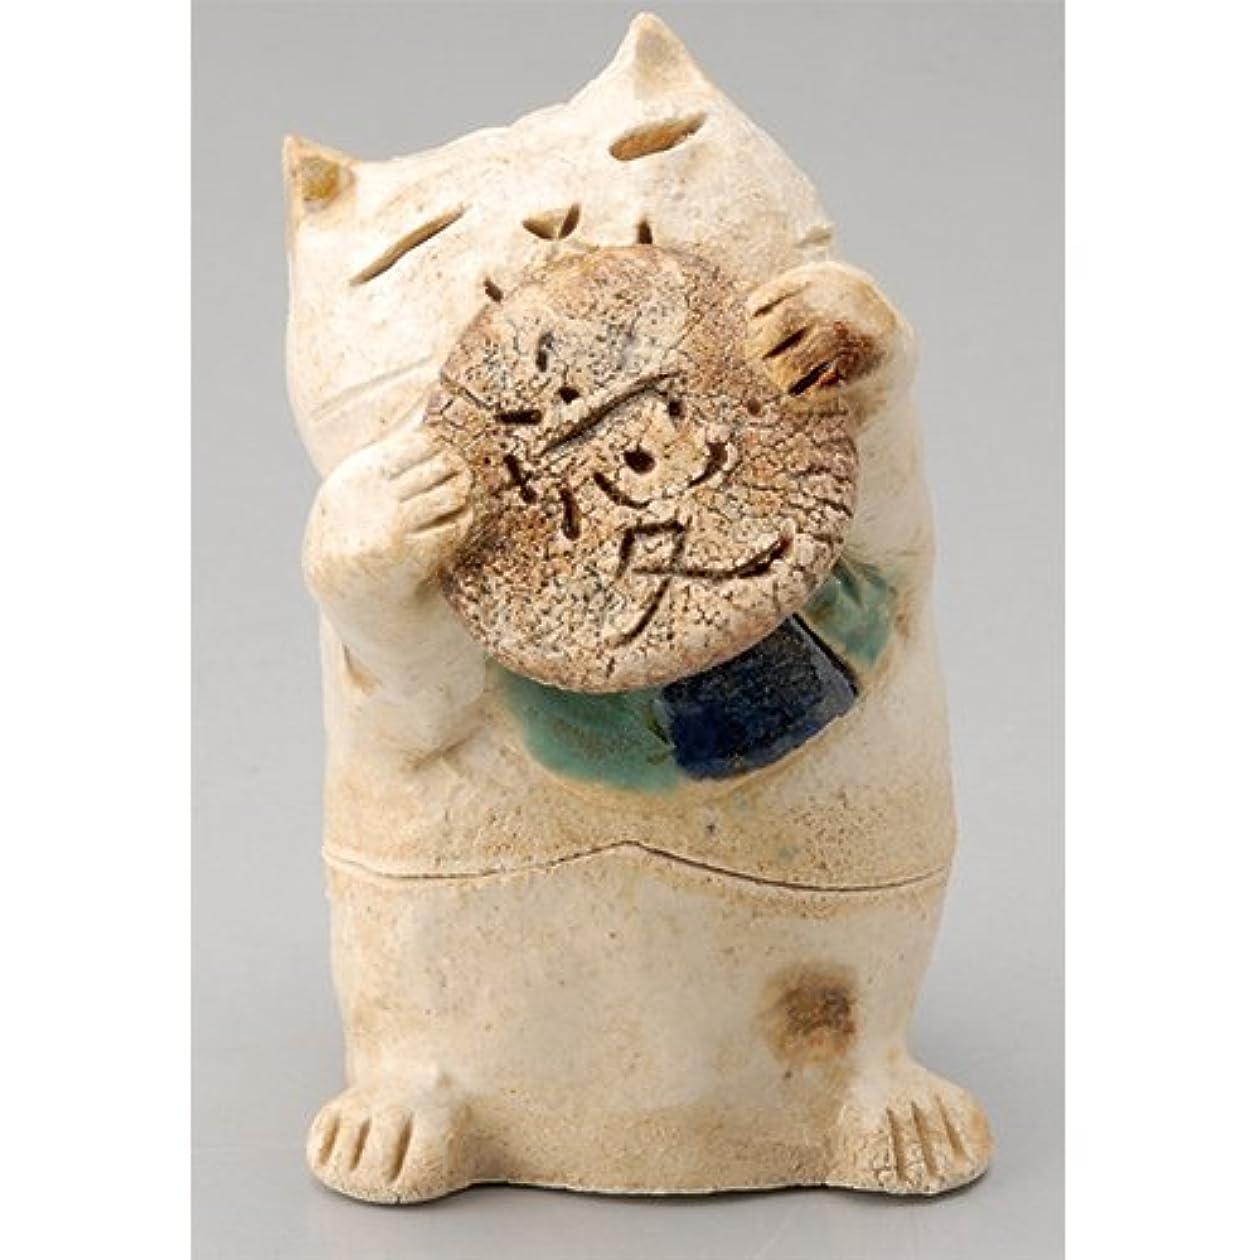 マトンサバントサッカー香炉 ごえん猫 香炉(愛) [H8cm] HANDMADE プレゼント ギフト 和食器 かわいい インテリア